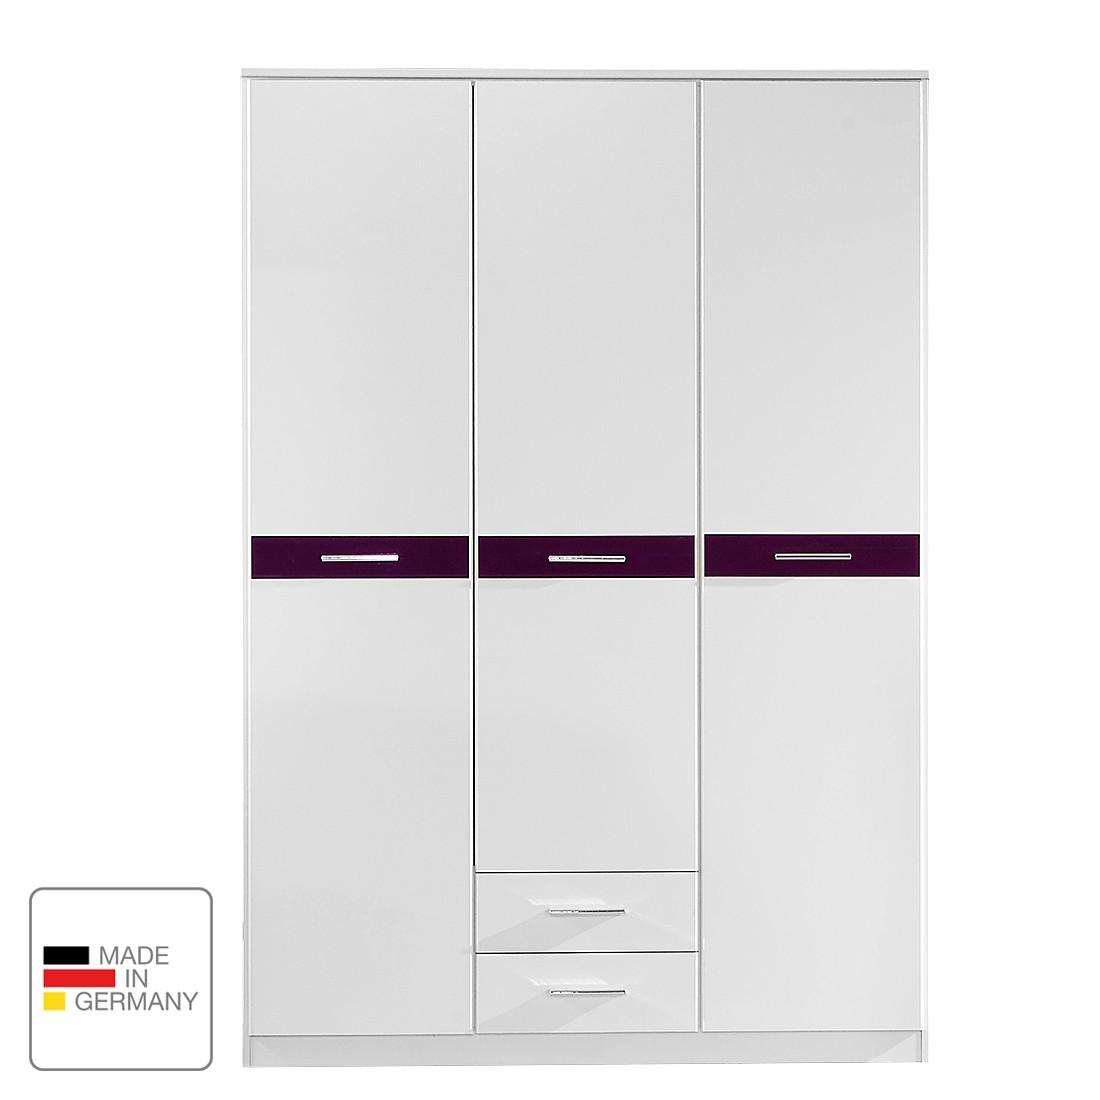 Armoire à portes battantes Gina - Blanc alpin / Couleur mûre brillante - 135 cm (3 portes) - 2 tiroirs, Wimex